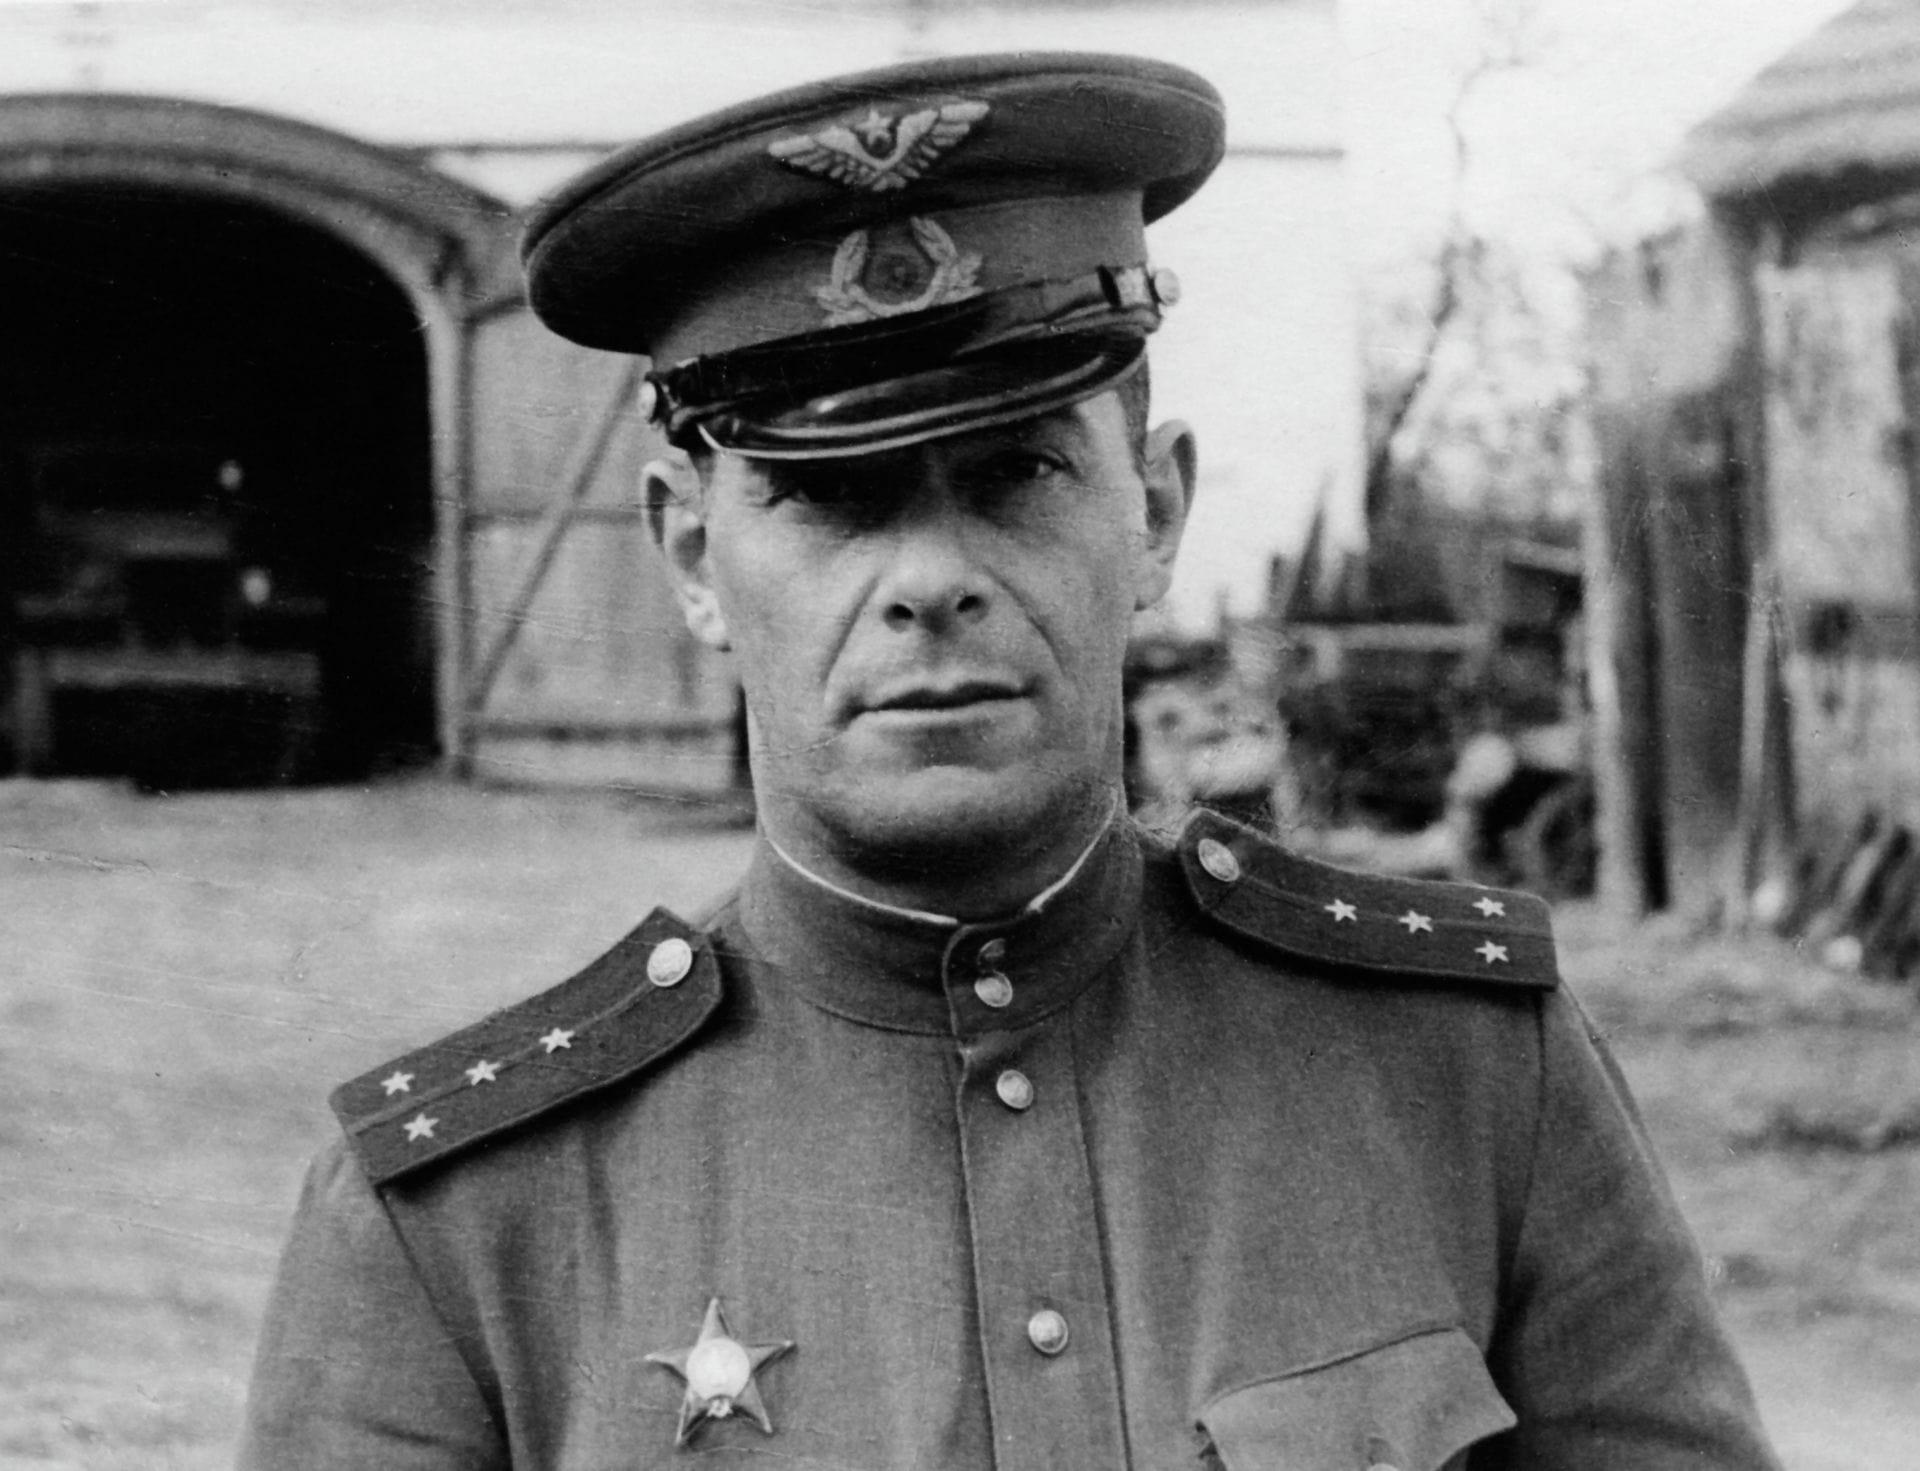 Экспонат #22. Александр Брантман. 1944 год